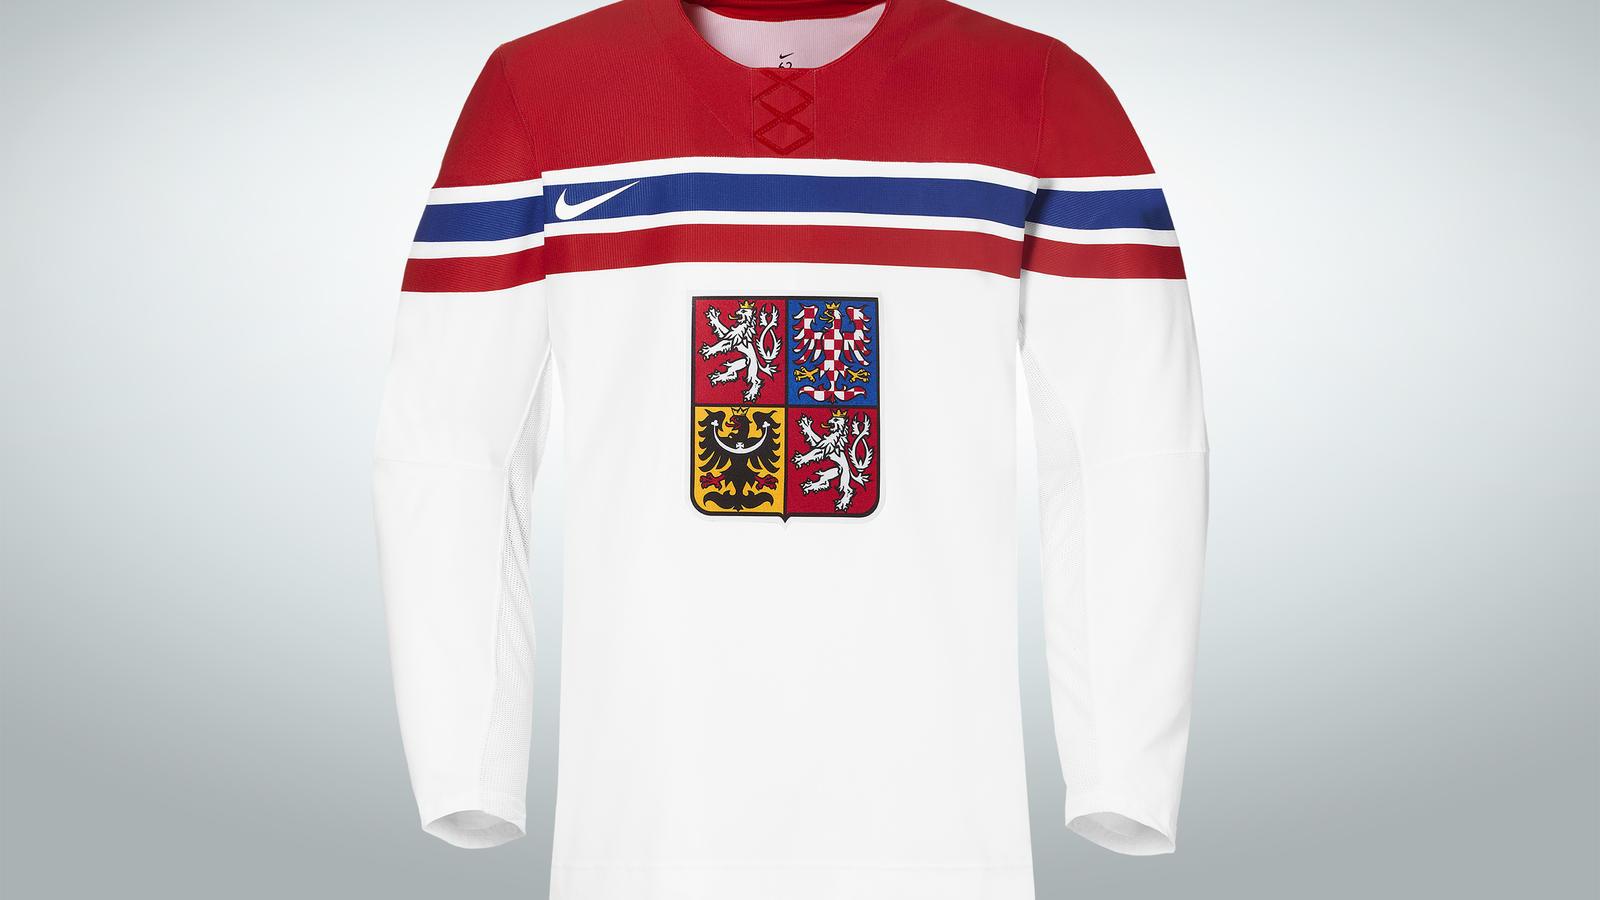 czech-ice-hockey-shirt-9